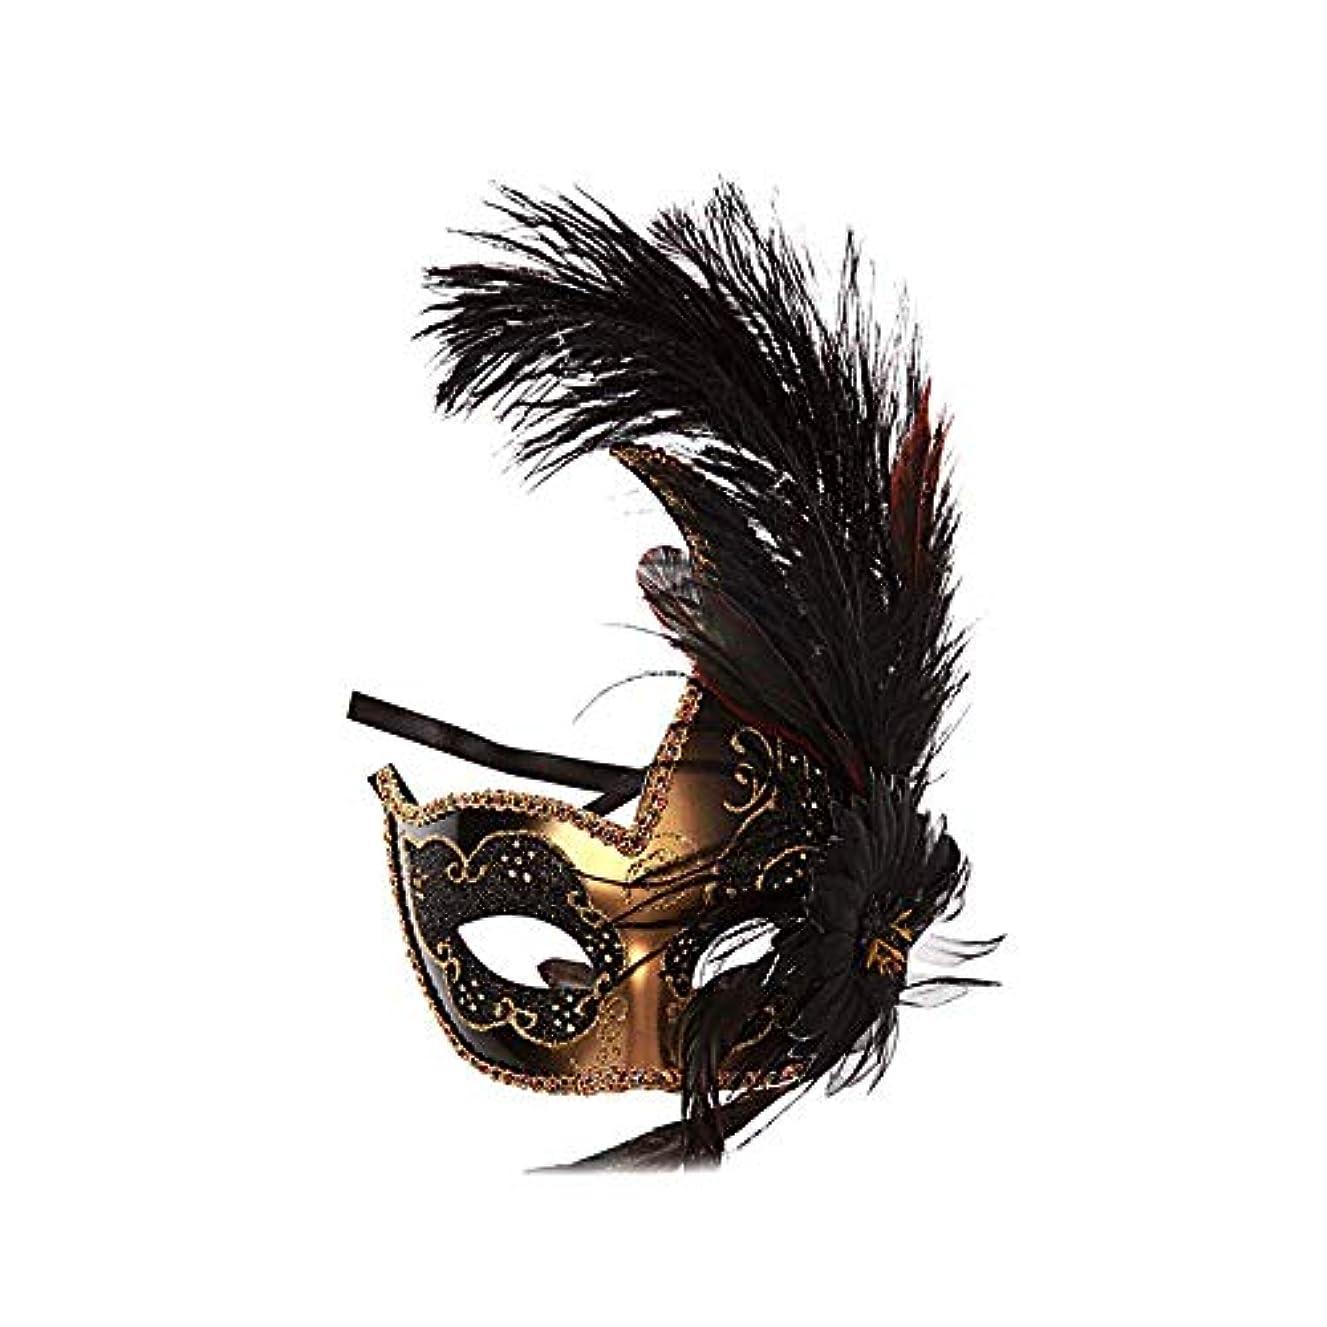 公ガラス休憩Nanle ハロウィンマスクハーフフェザーマスクベニスプリンセスマスク美容レース仮面ライダーコスプレ (色 : Style B black)